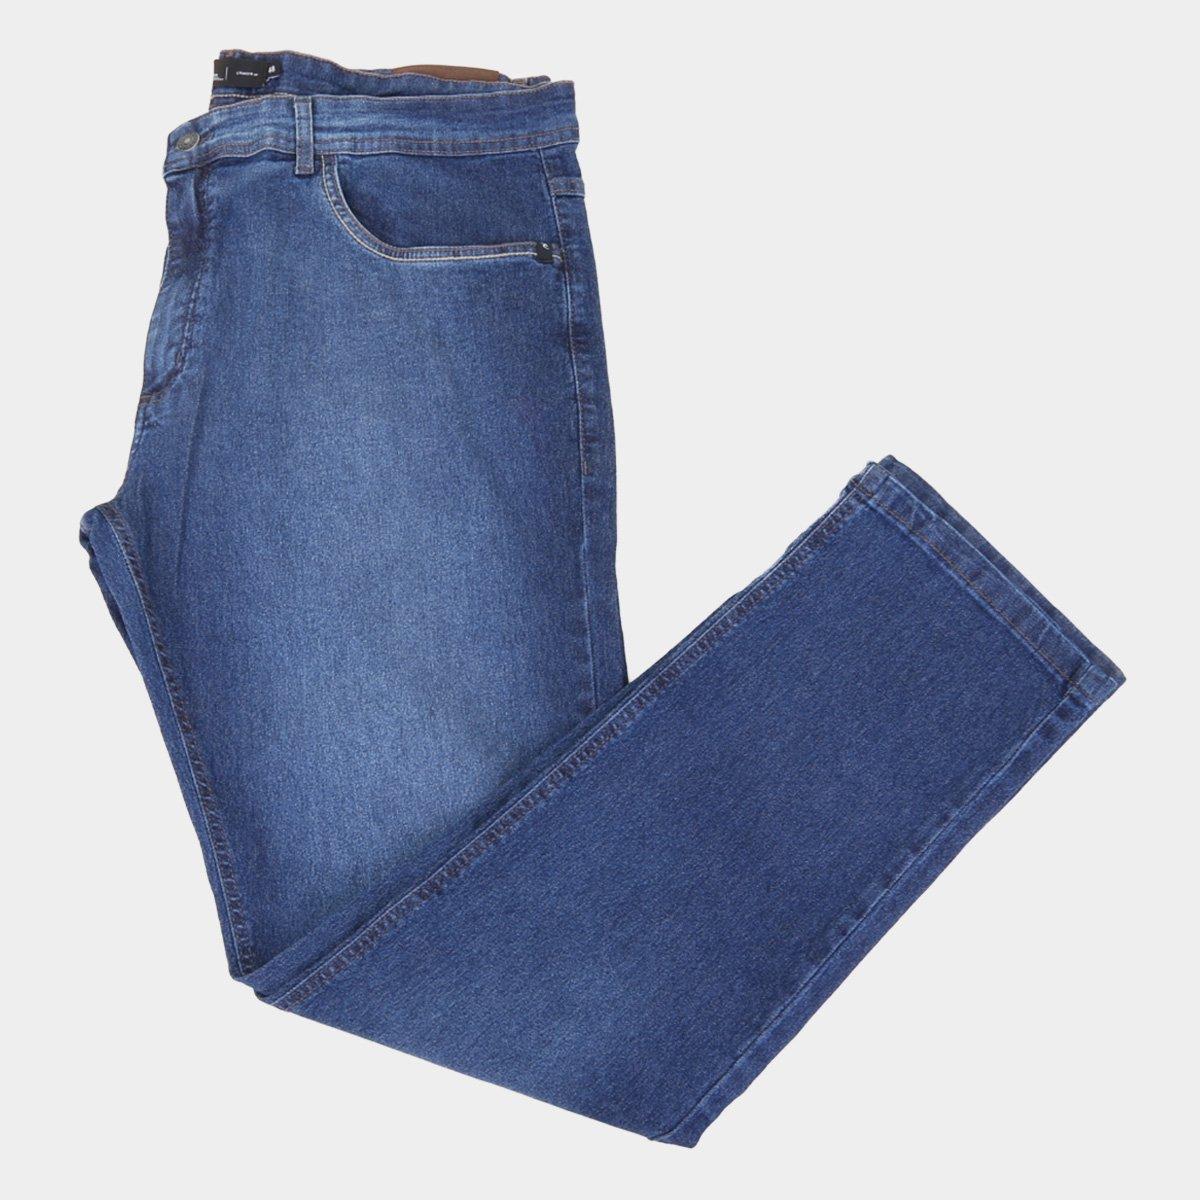 Calça Jeans Rip Curl Mid Blue Wave Plus Size Masculina